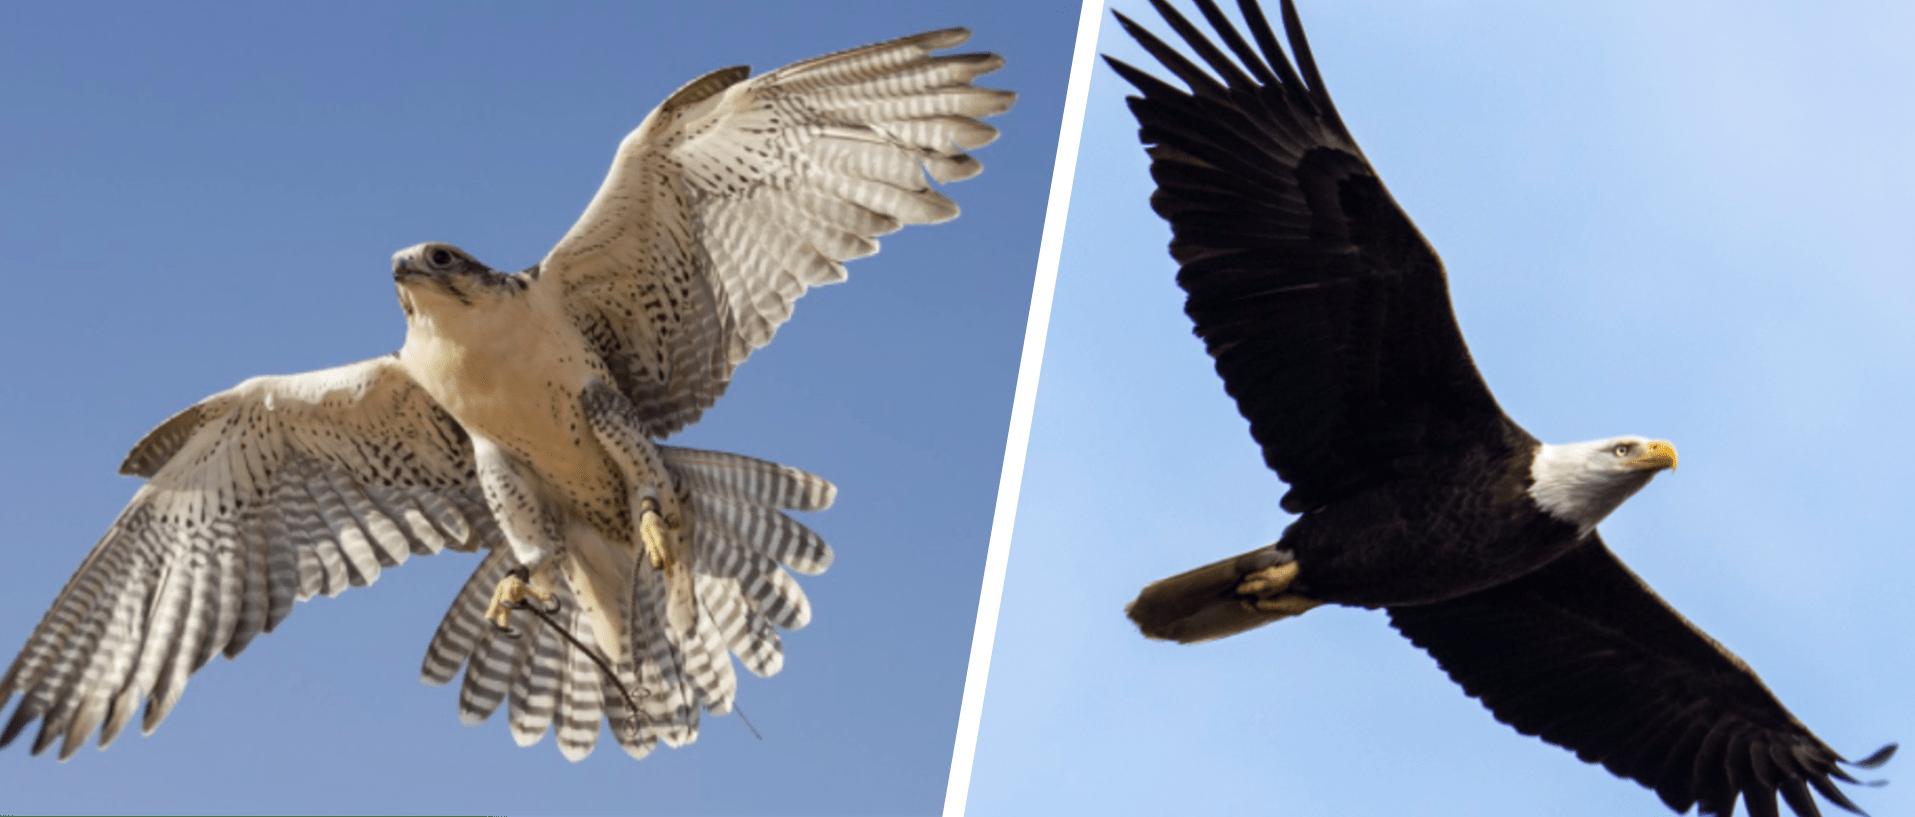 falcon vs eagle flying